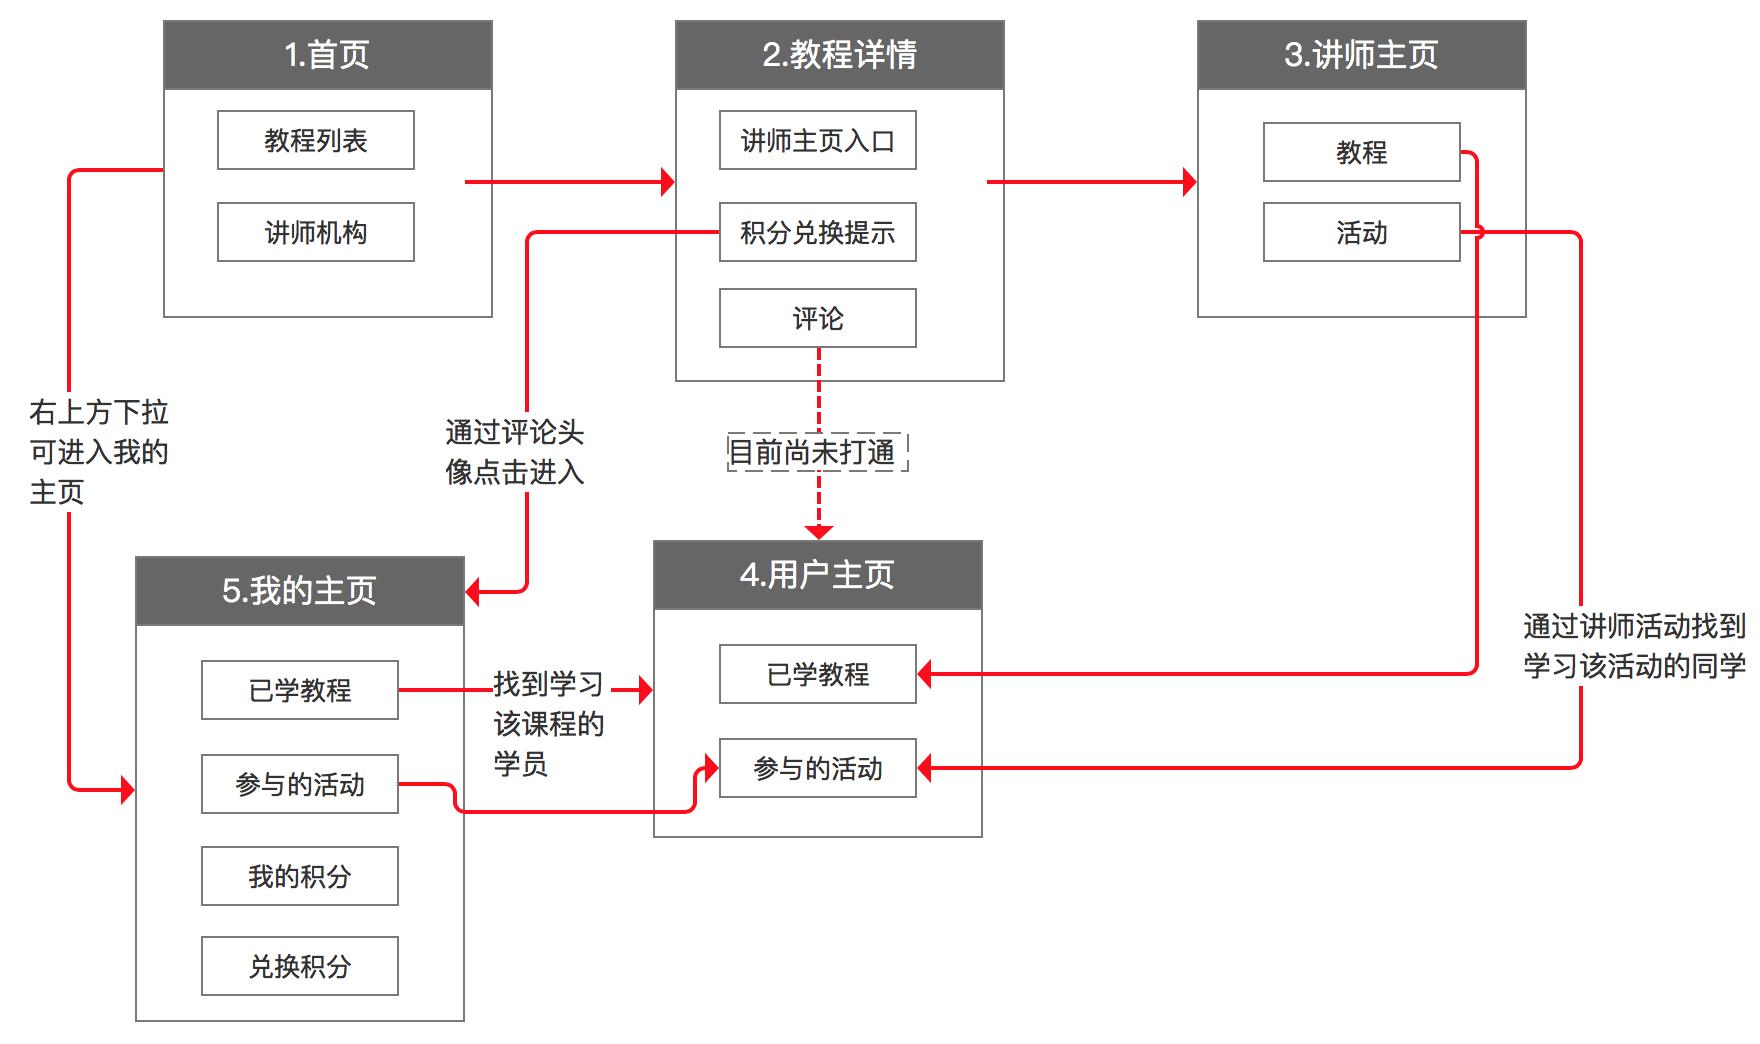 四,流程图,梳理业务逻辑关系